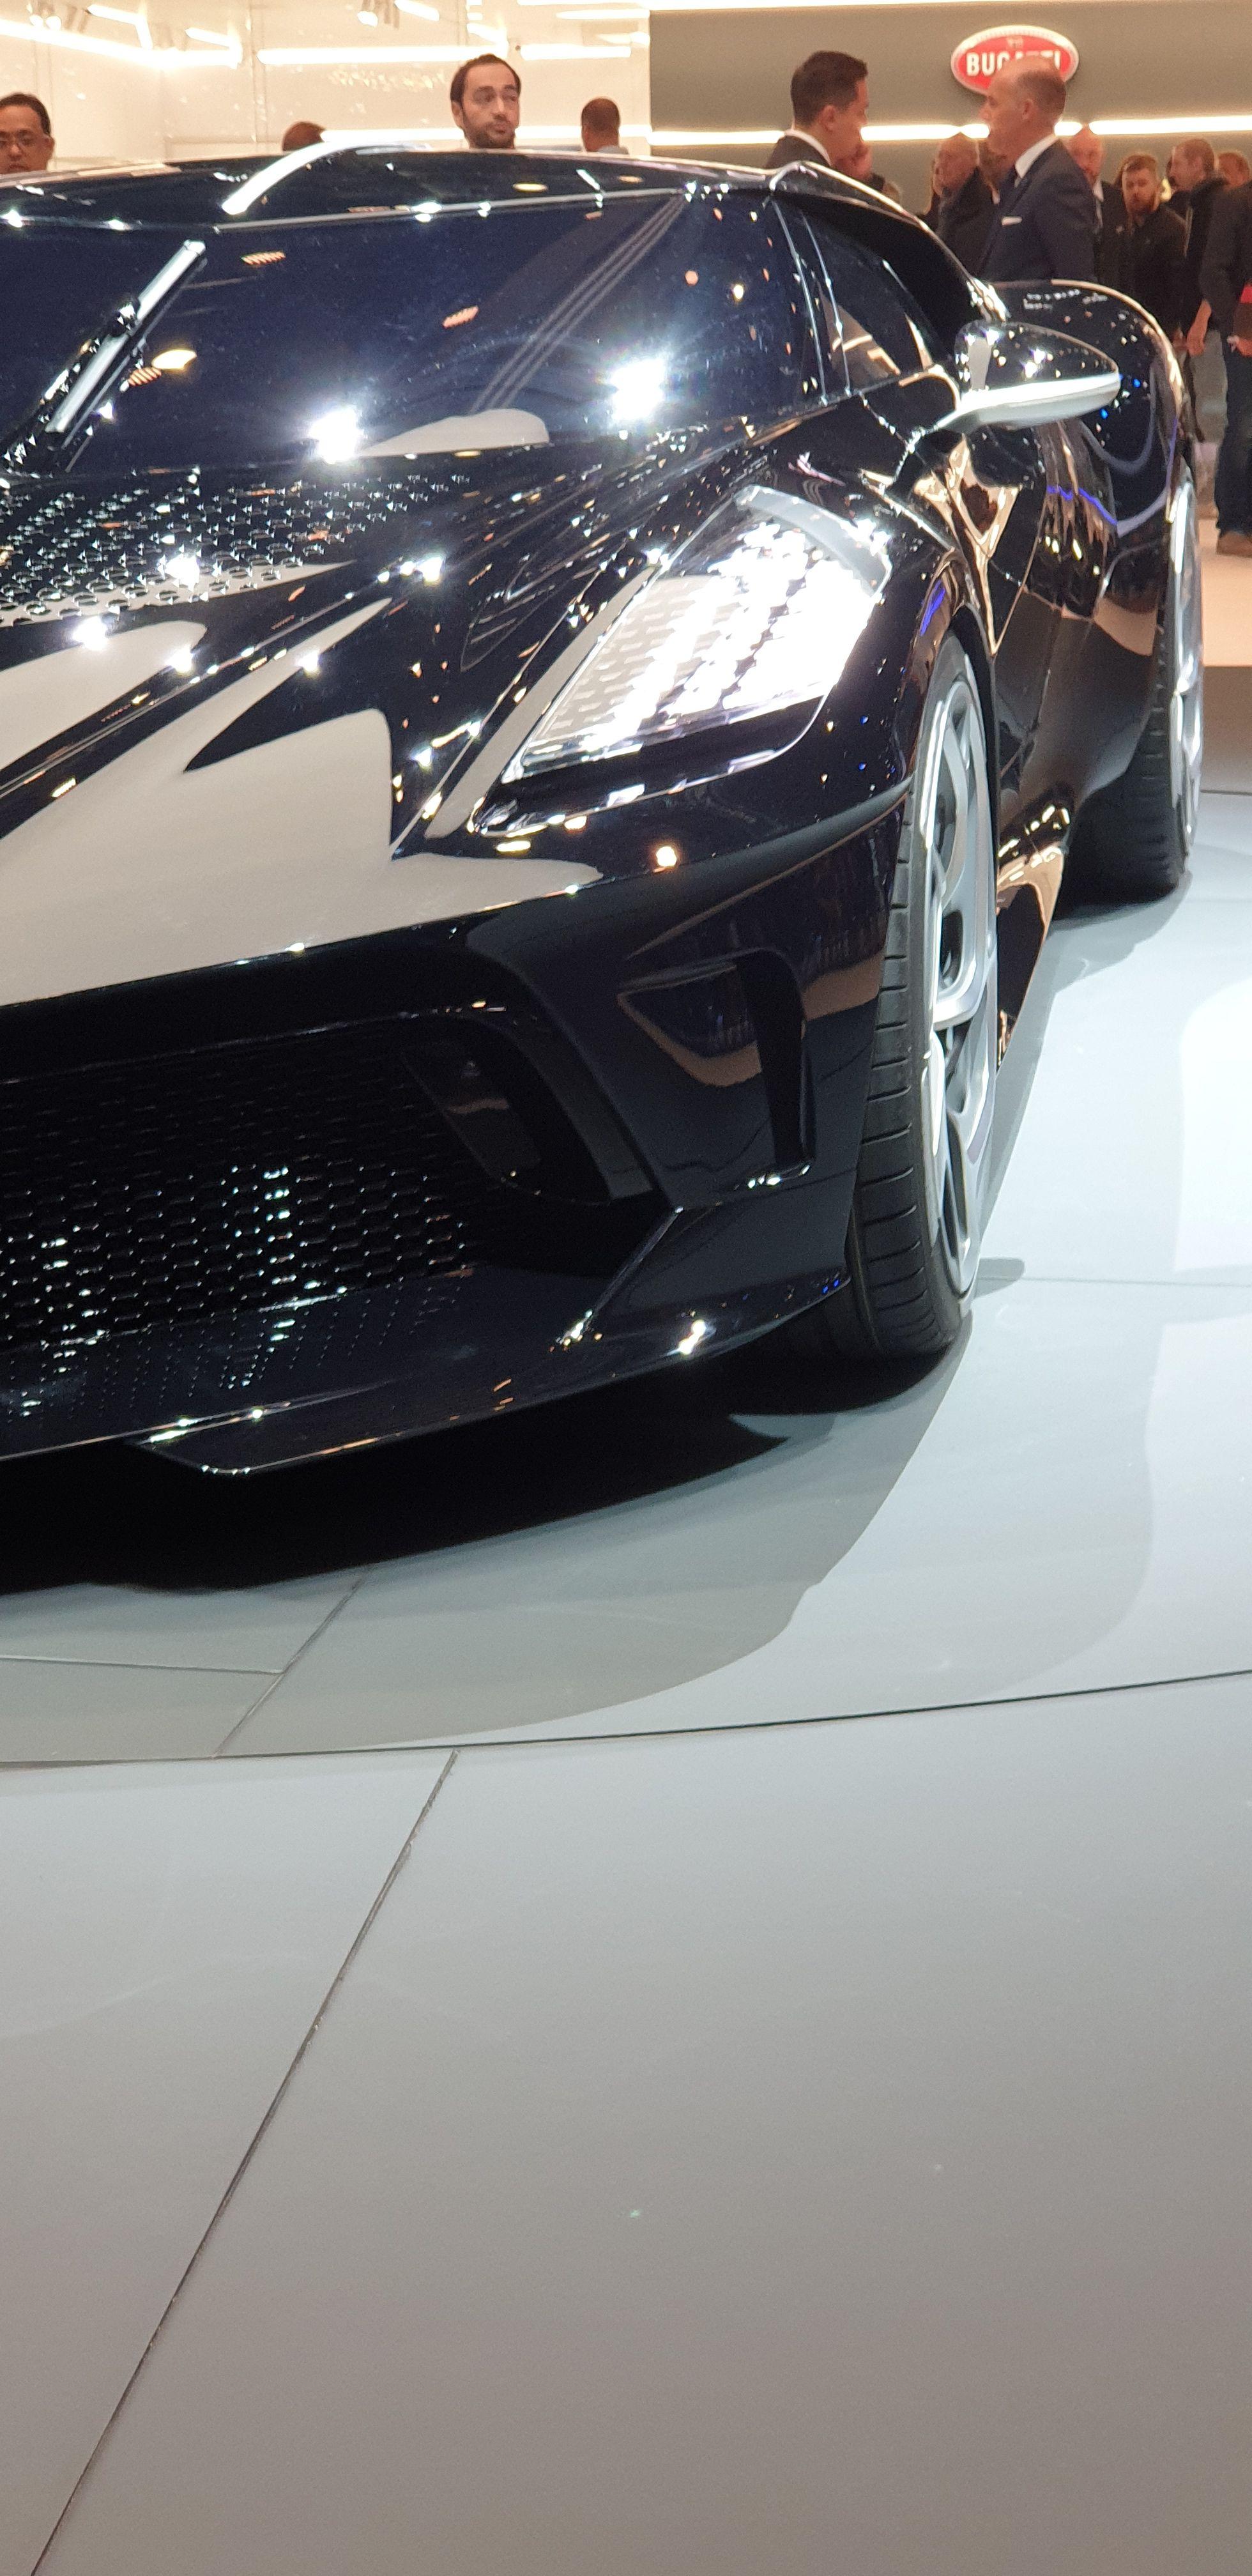 Aussi Cher Que 100 Nouvelles Porsche Bugatti Présente Au Salon De L Automobile De Genève La Voiture Neuve La Plus Précieuse J Bugatti Voitures Noires Voiture